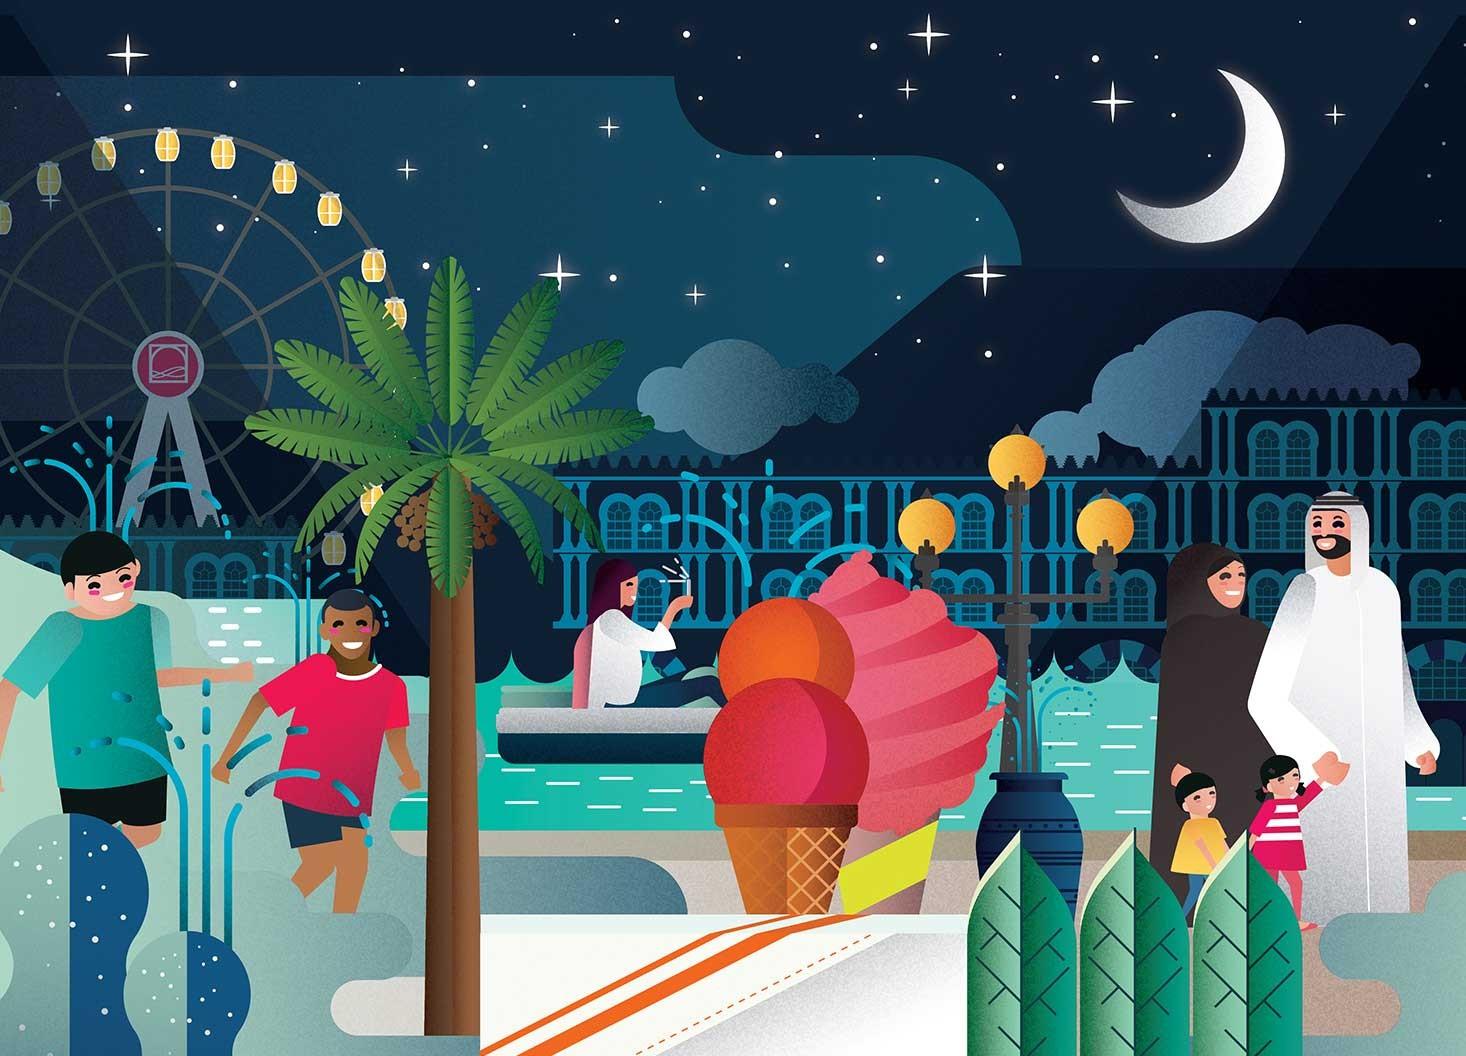 Al Qasba Parking Wrap - Hatch Design - Digital Creative Agency